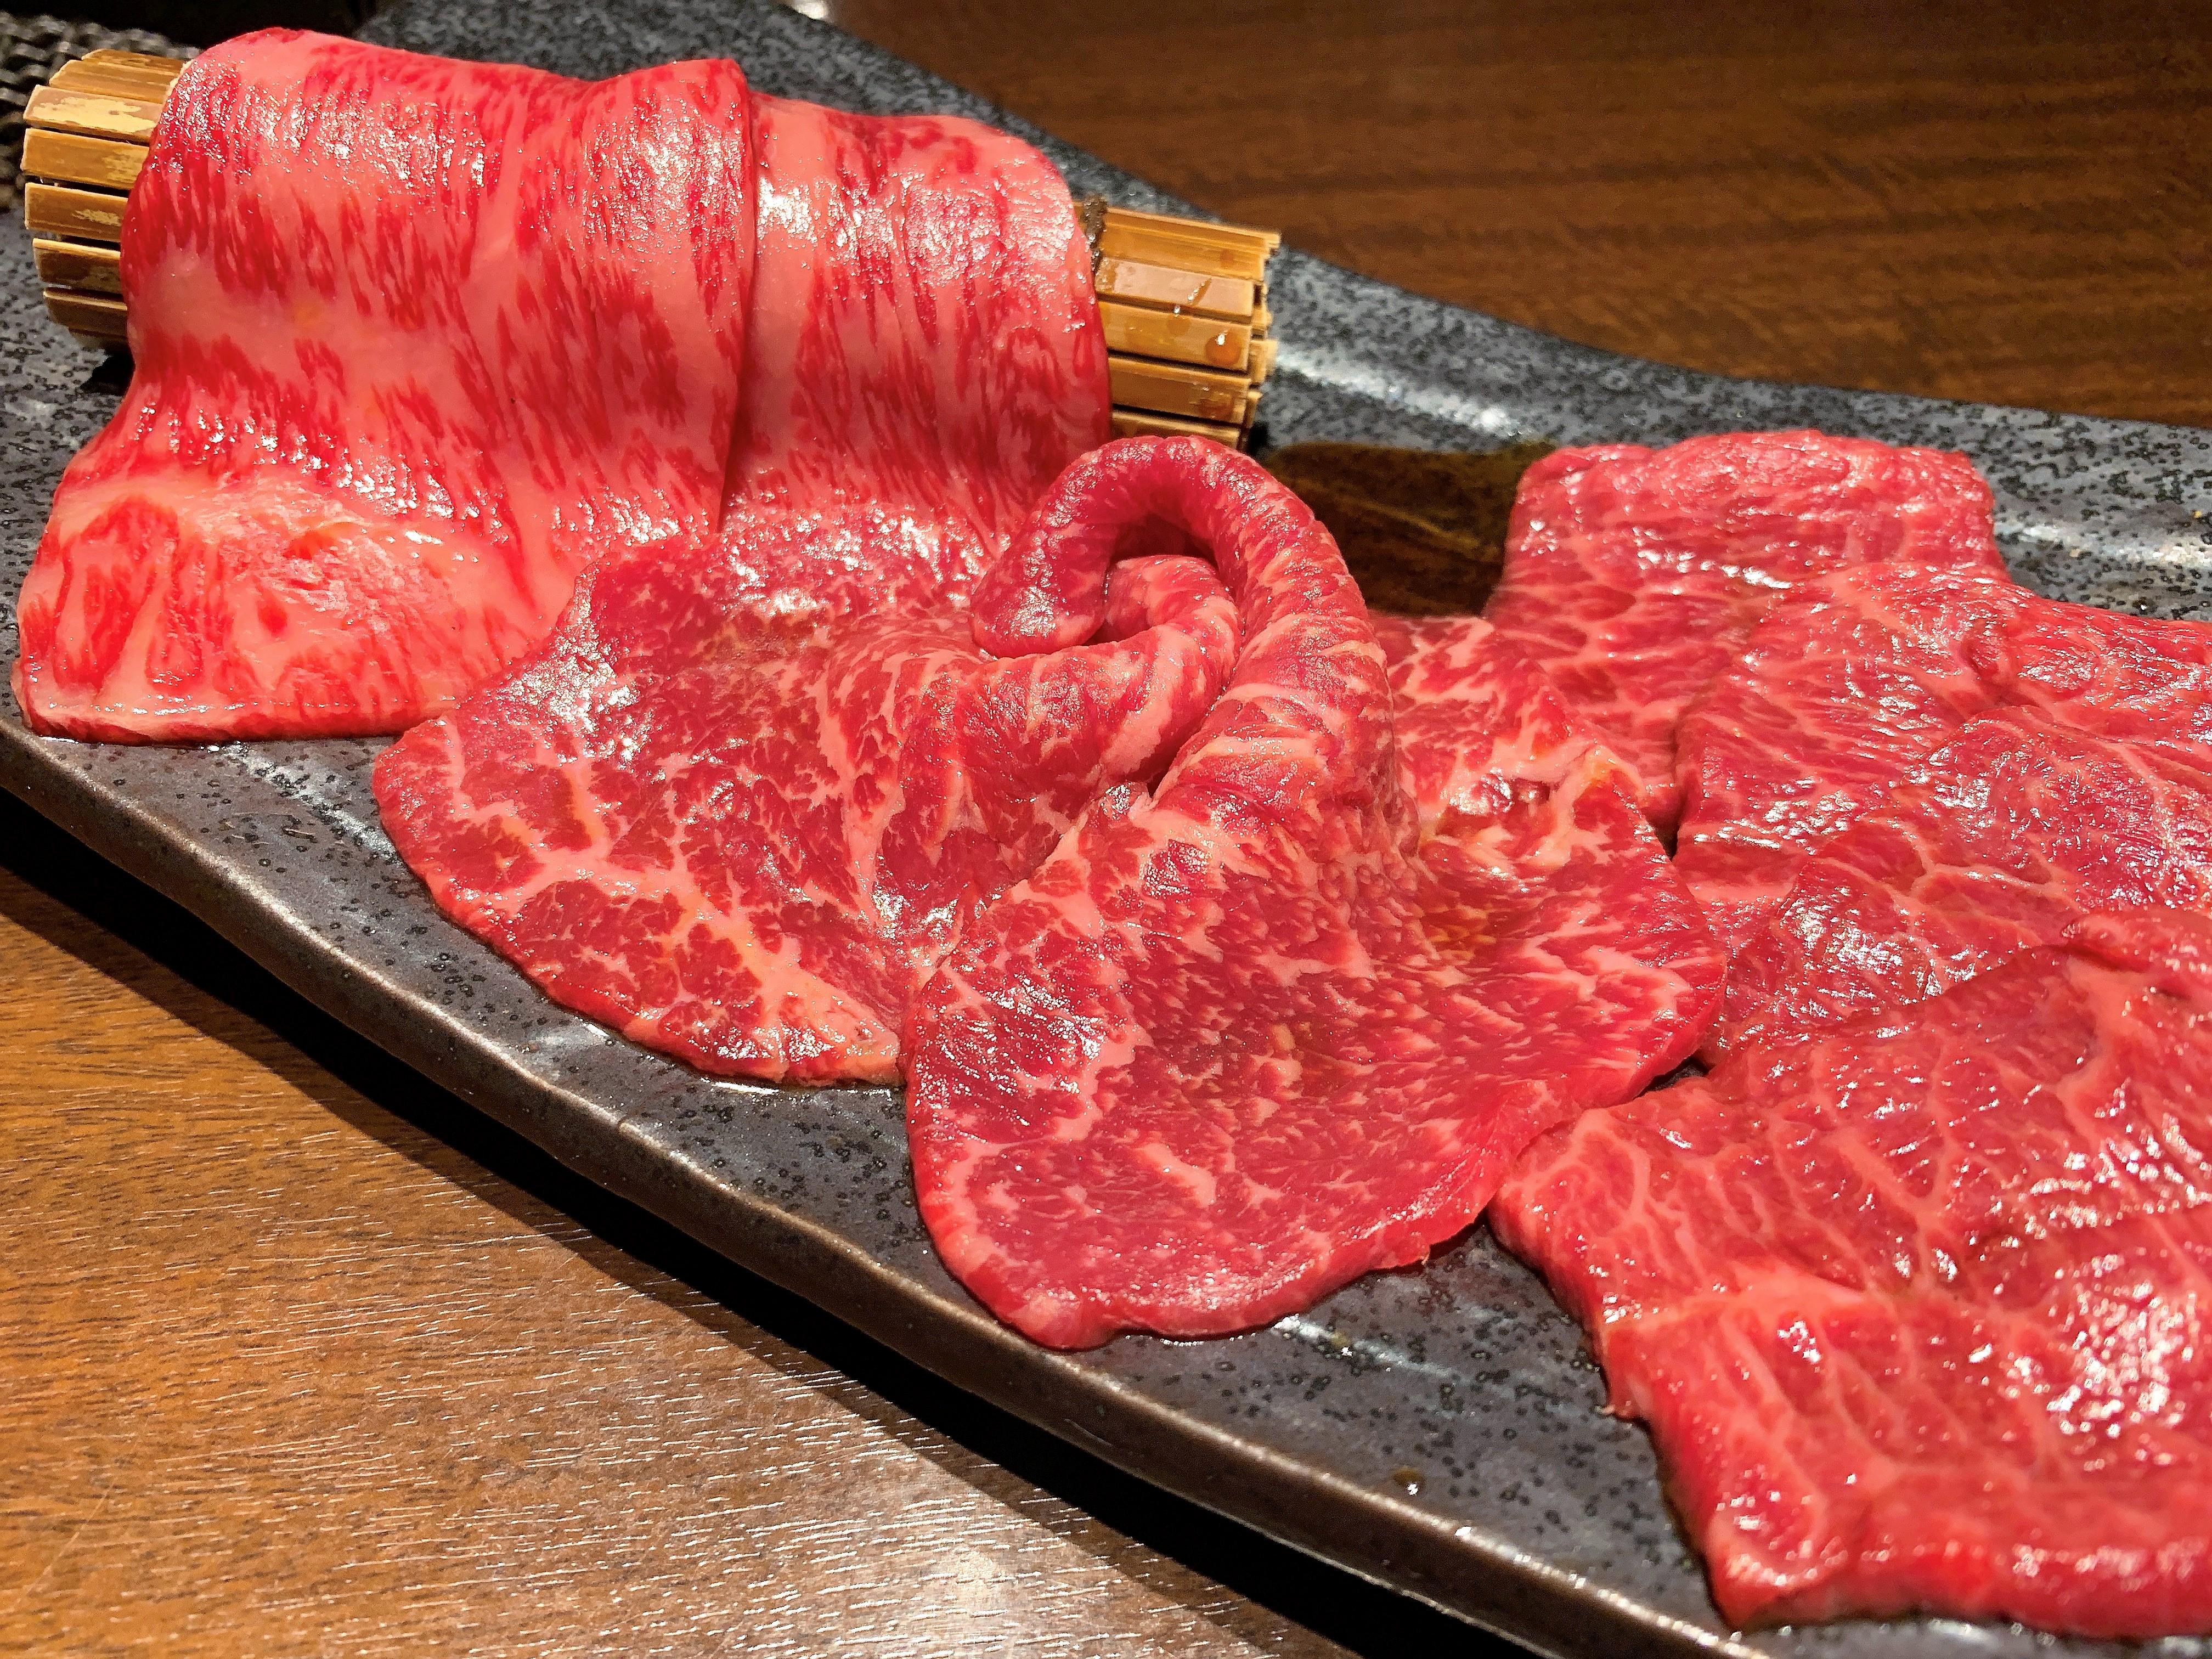 【経堂】炭火焼肉ふちおかが美味しすぎてヤバい!大人気ふちおかコースの内容・感想レビュー